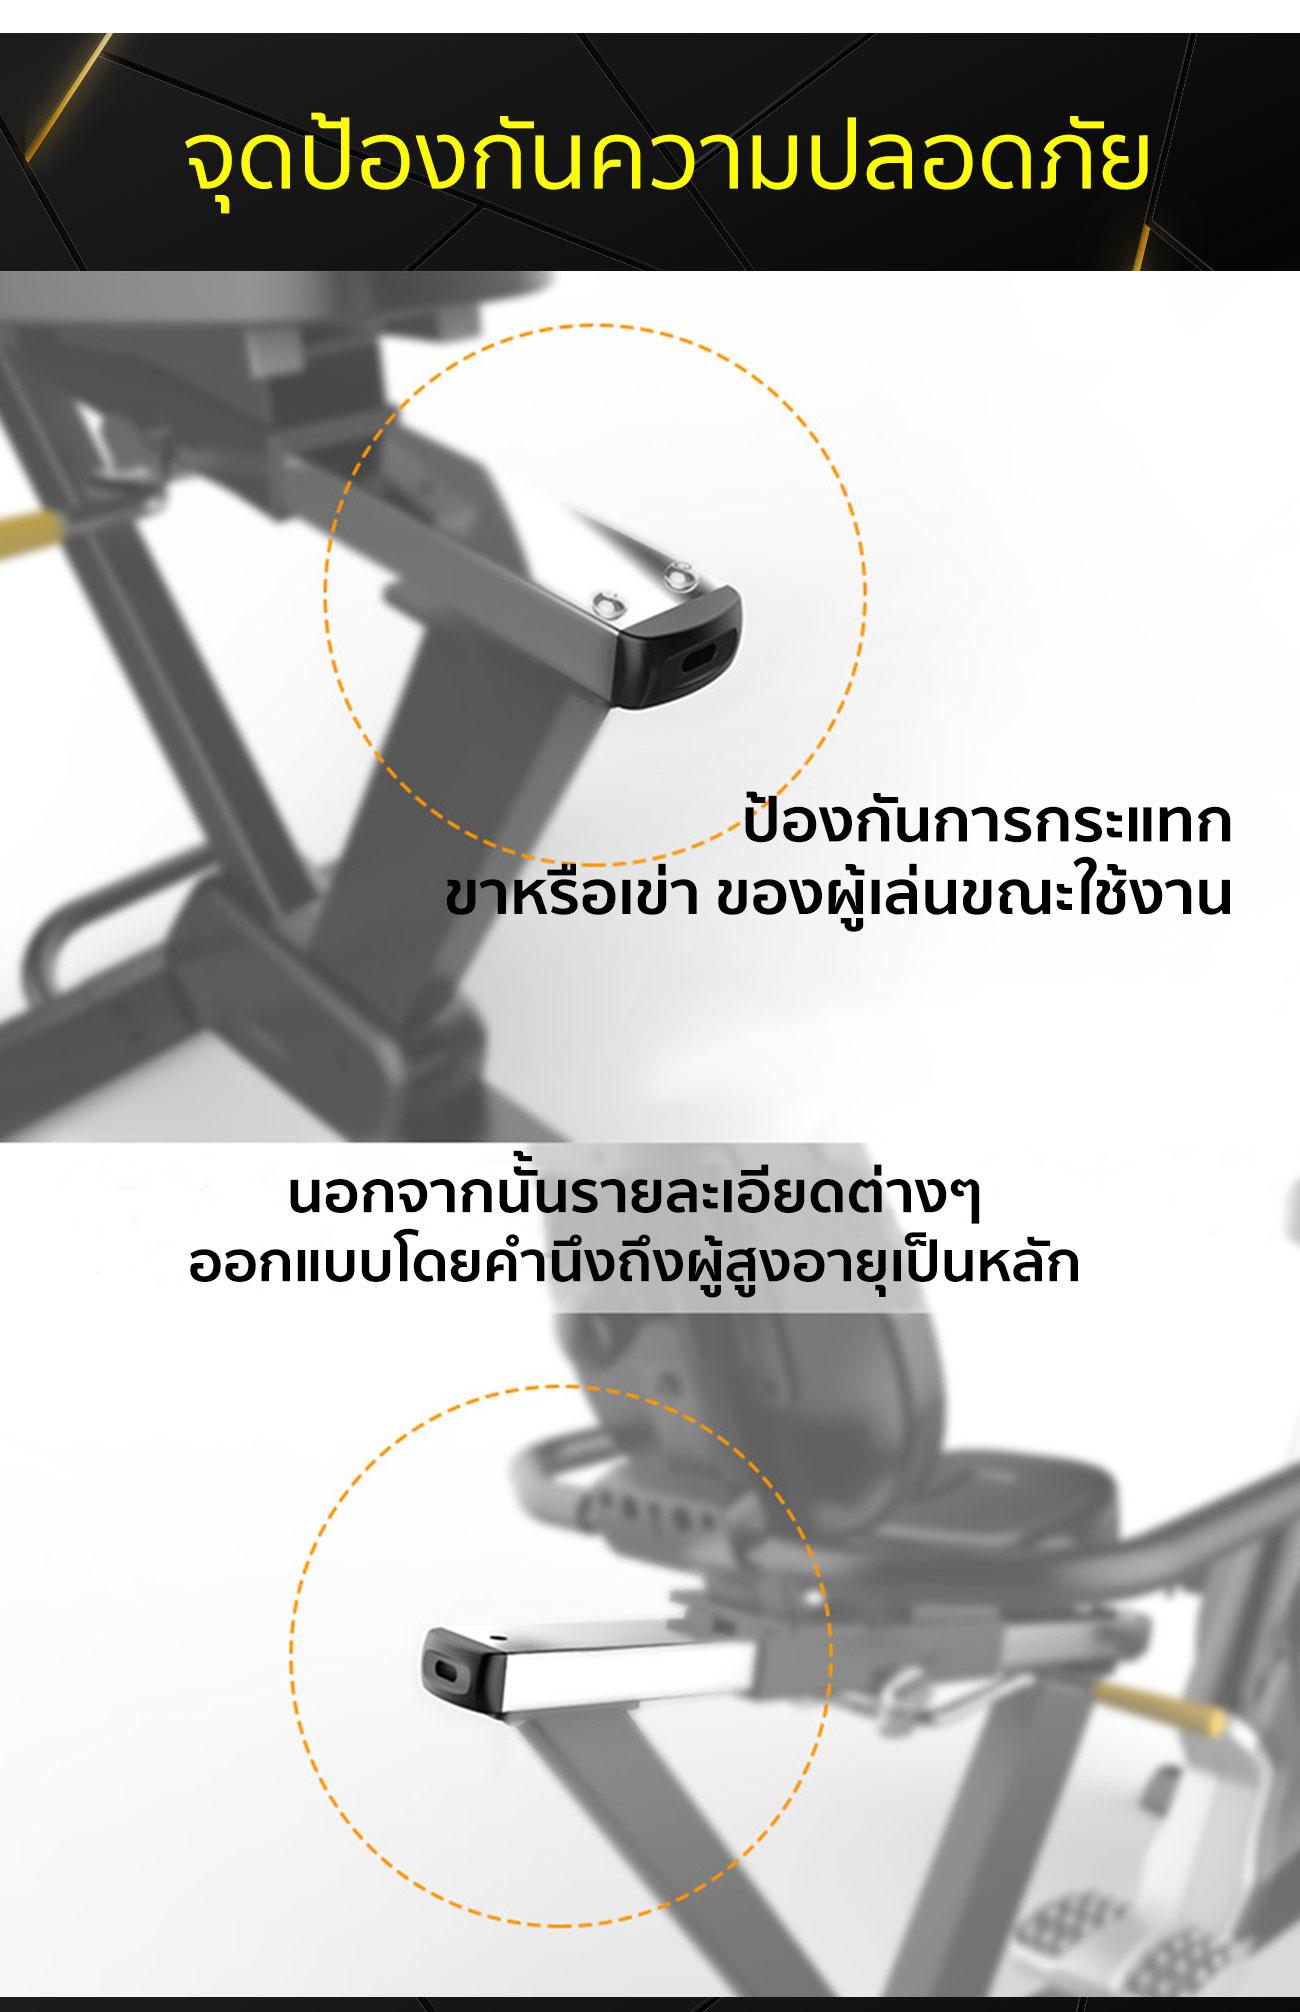 จักรยานเอนปั่น รุ่น SH-B5836R